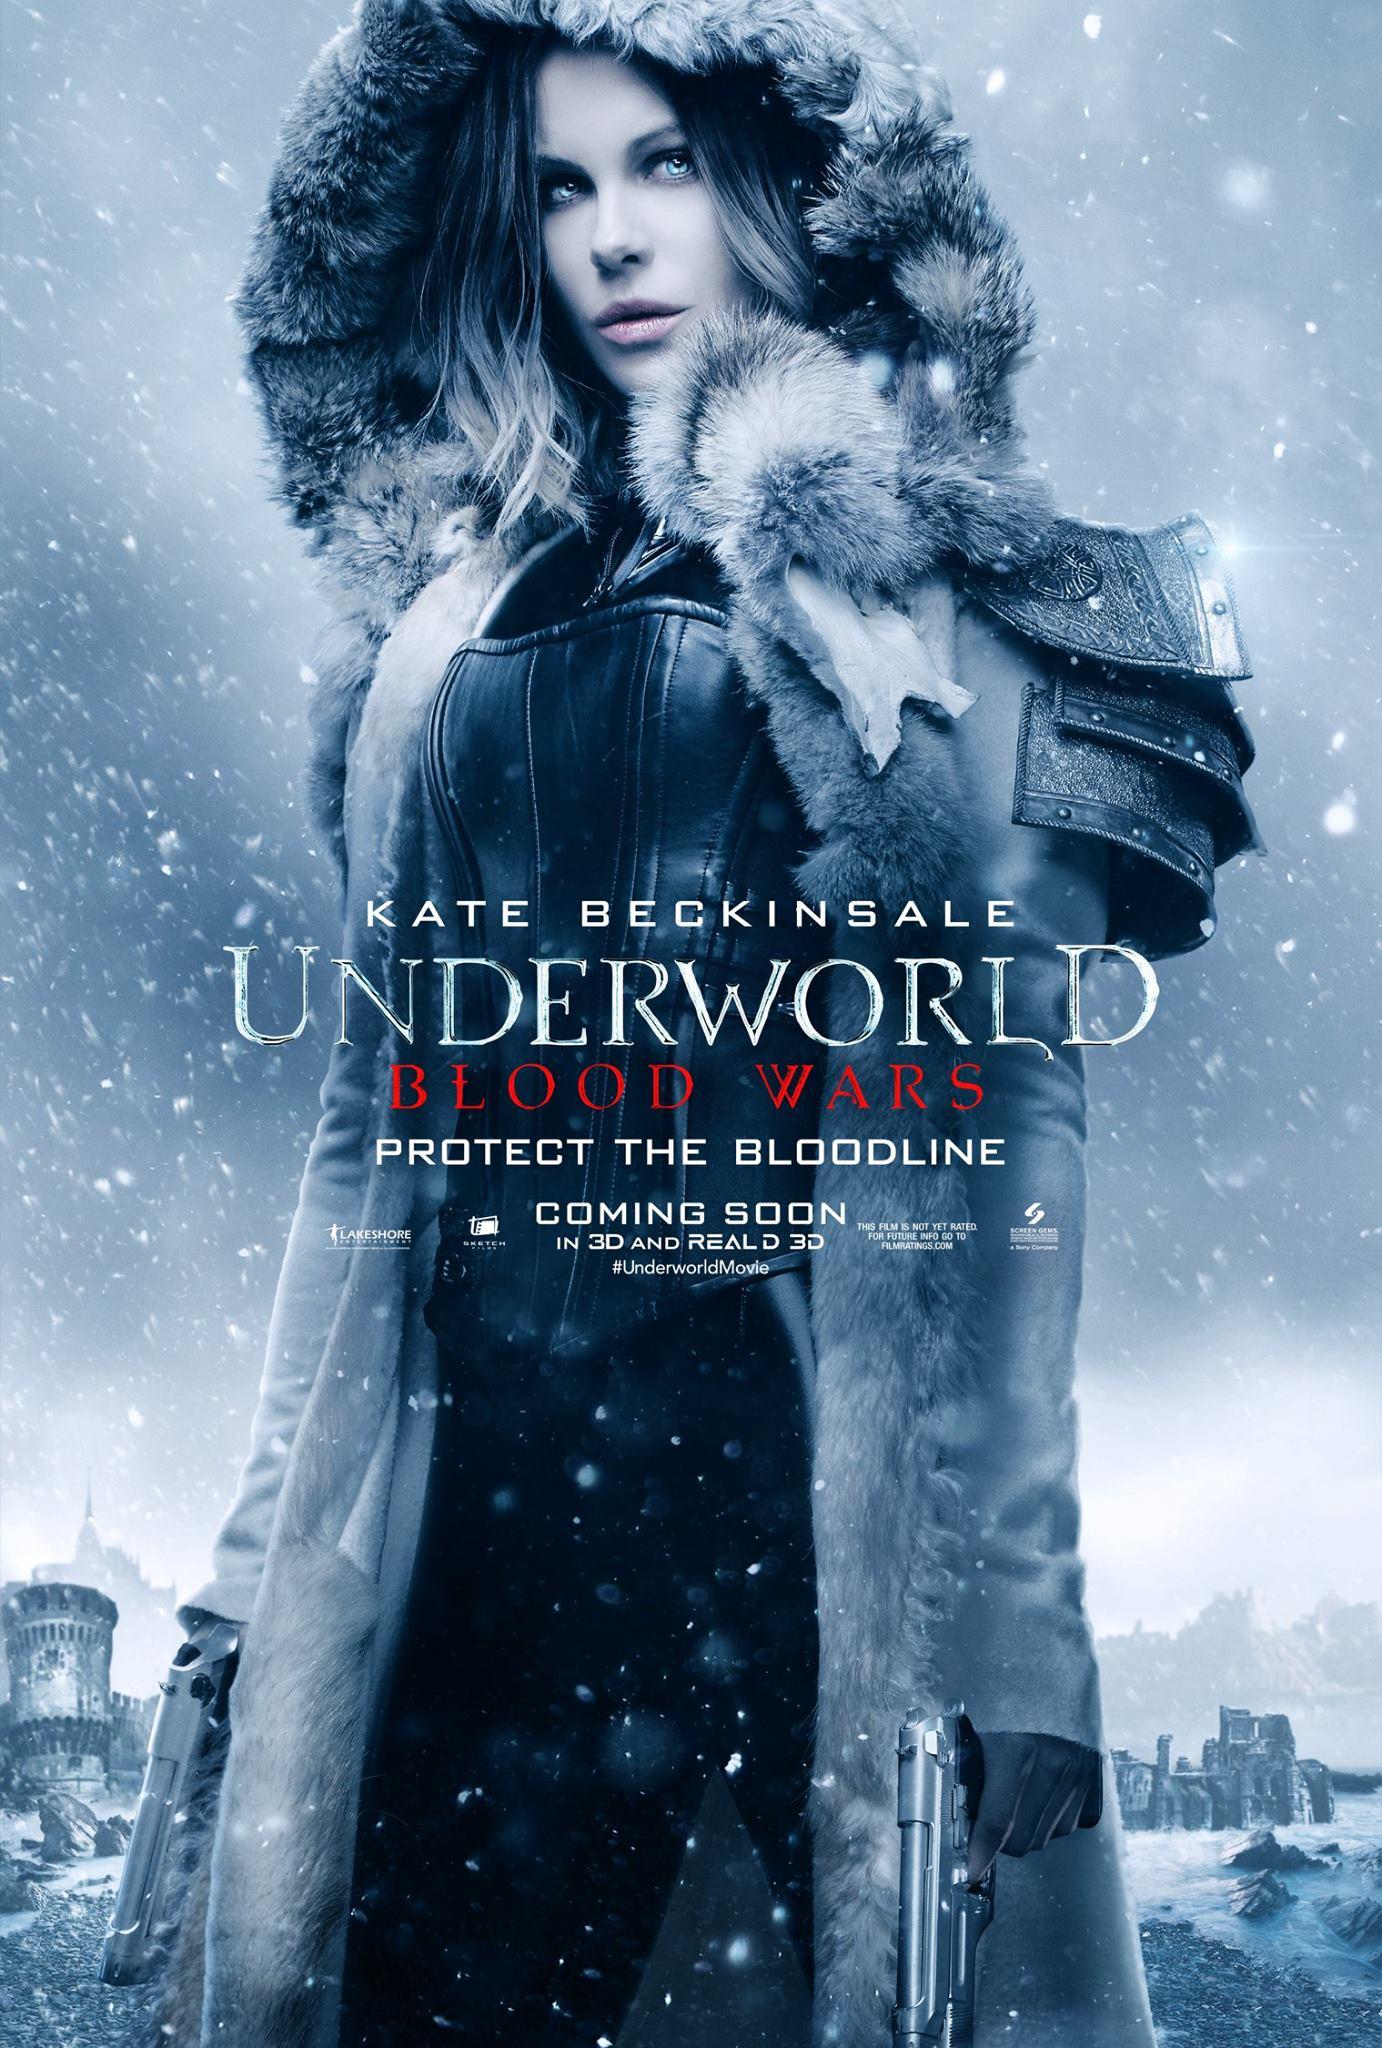 Underworld Blood Wars Plakate 6